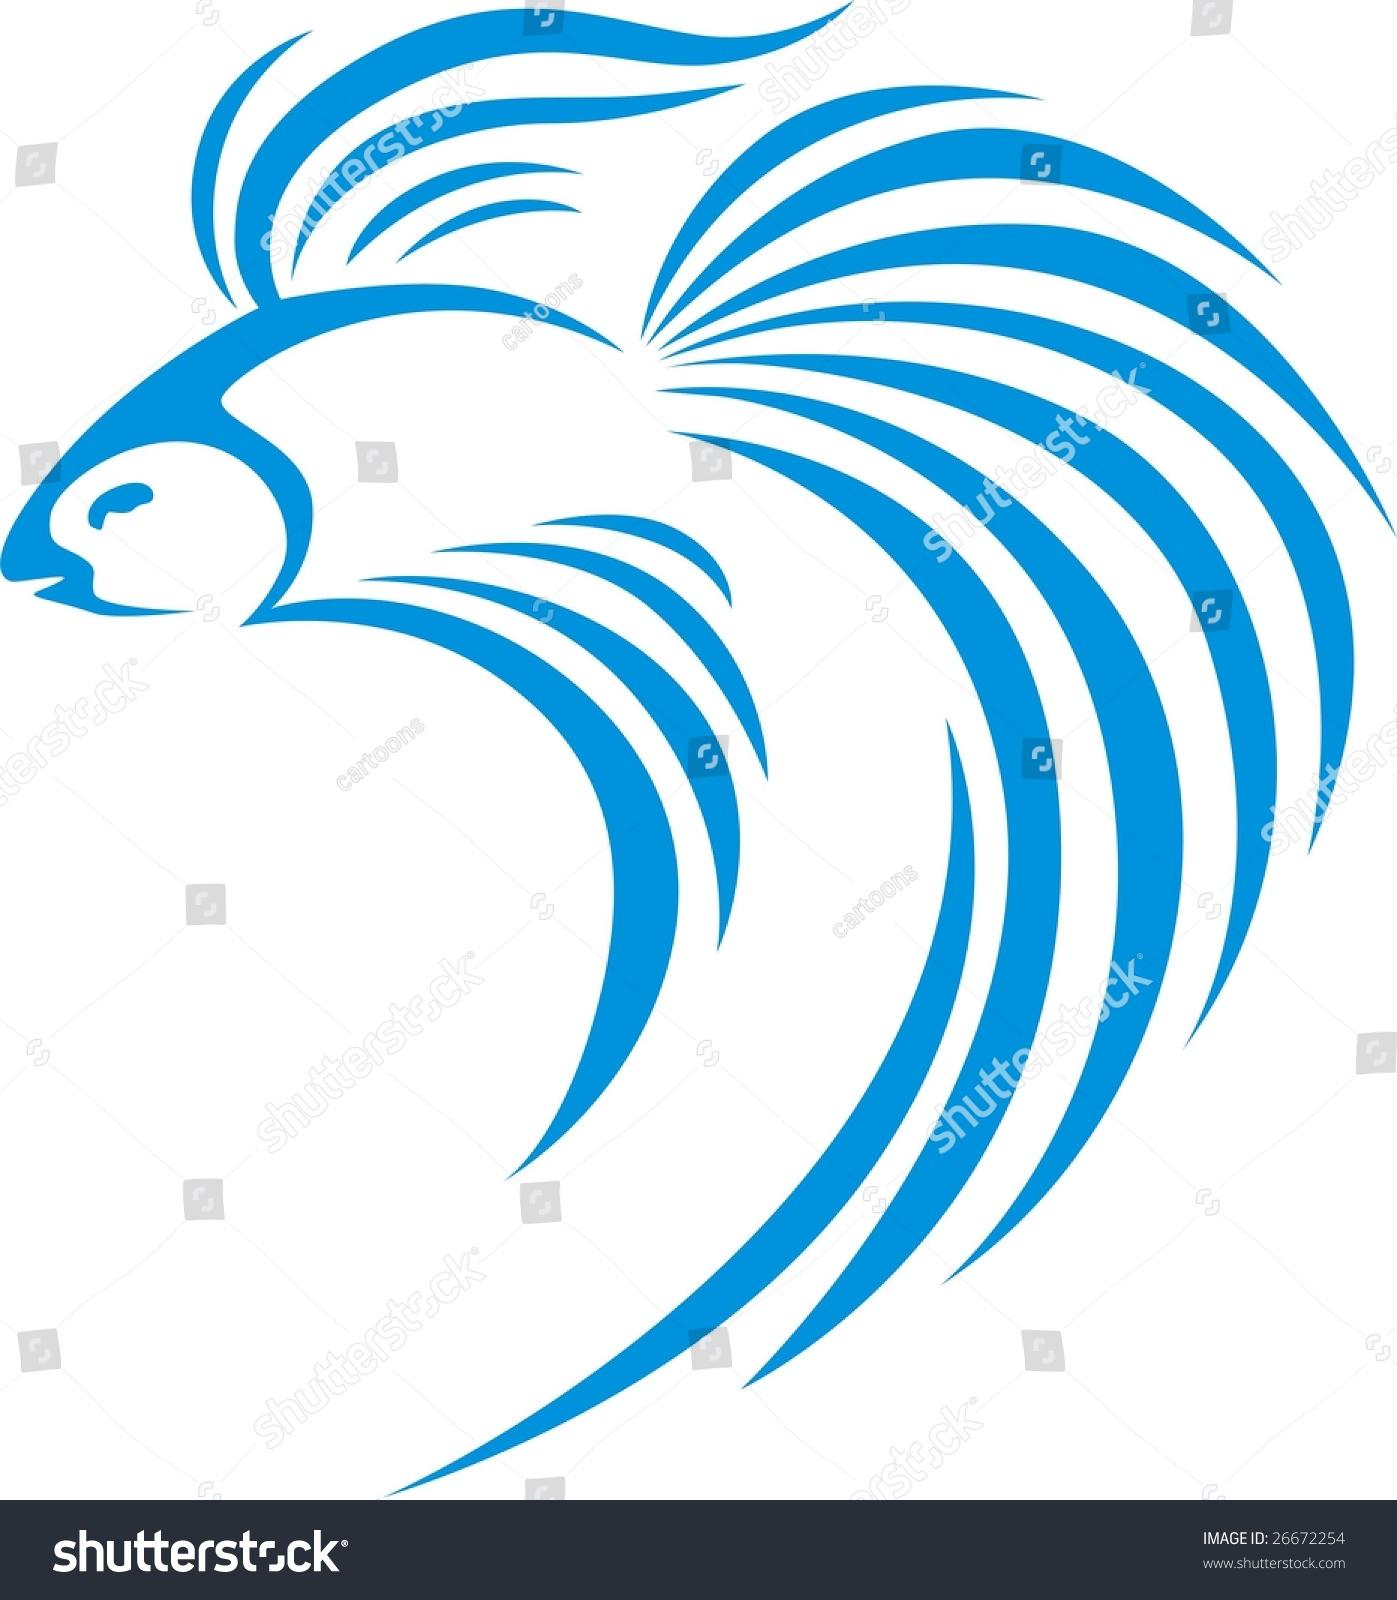 logo logo 标志 设计 矢量 矢量图 素材 图标 1397_1600